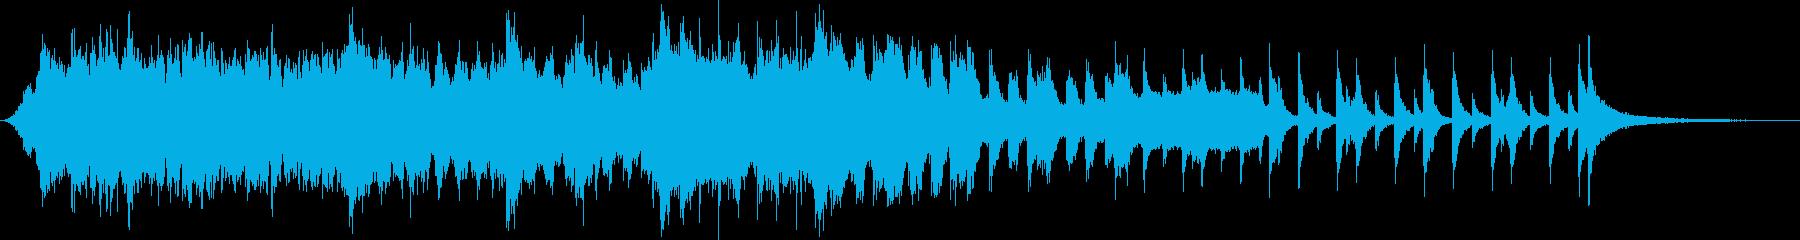 いにしえ/都・オーケストラの再生済みの波形